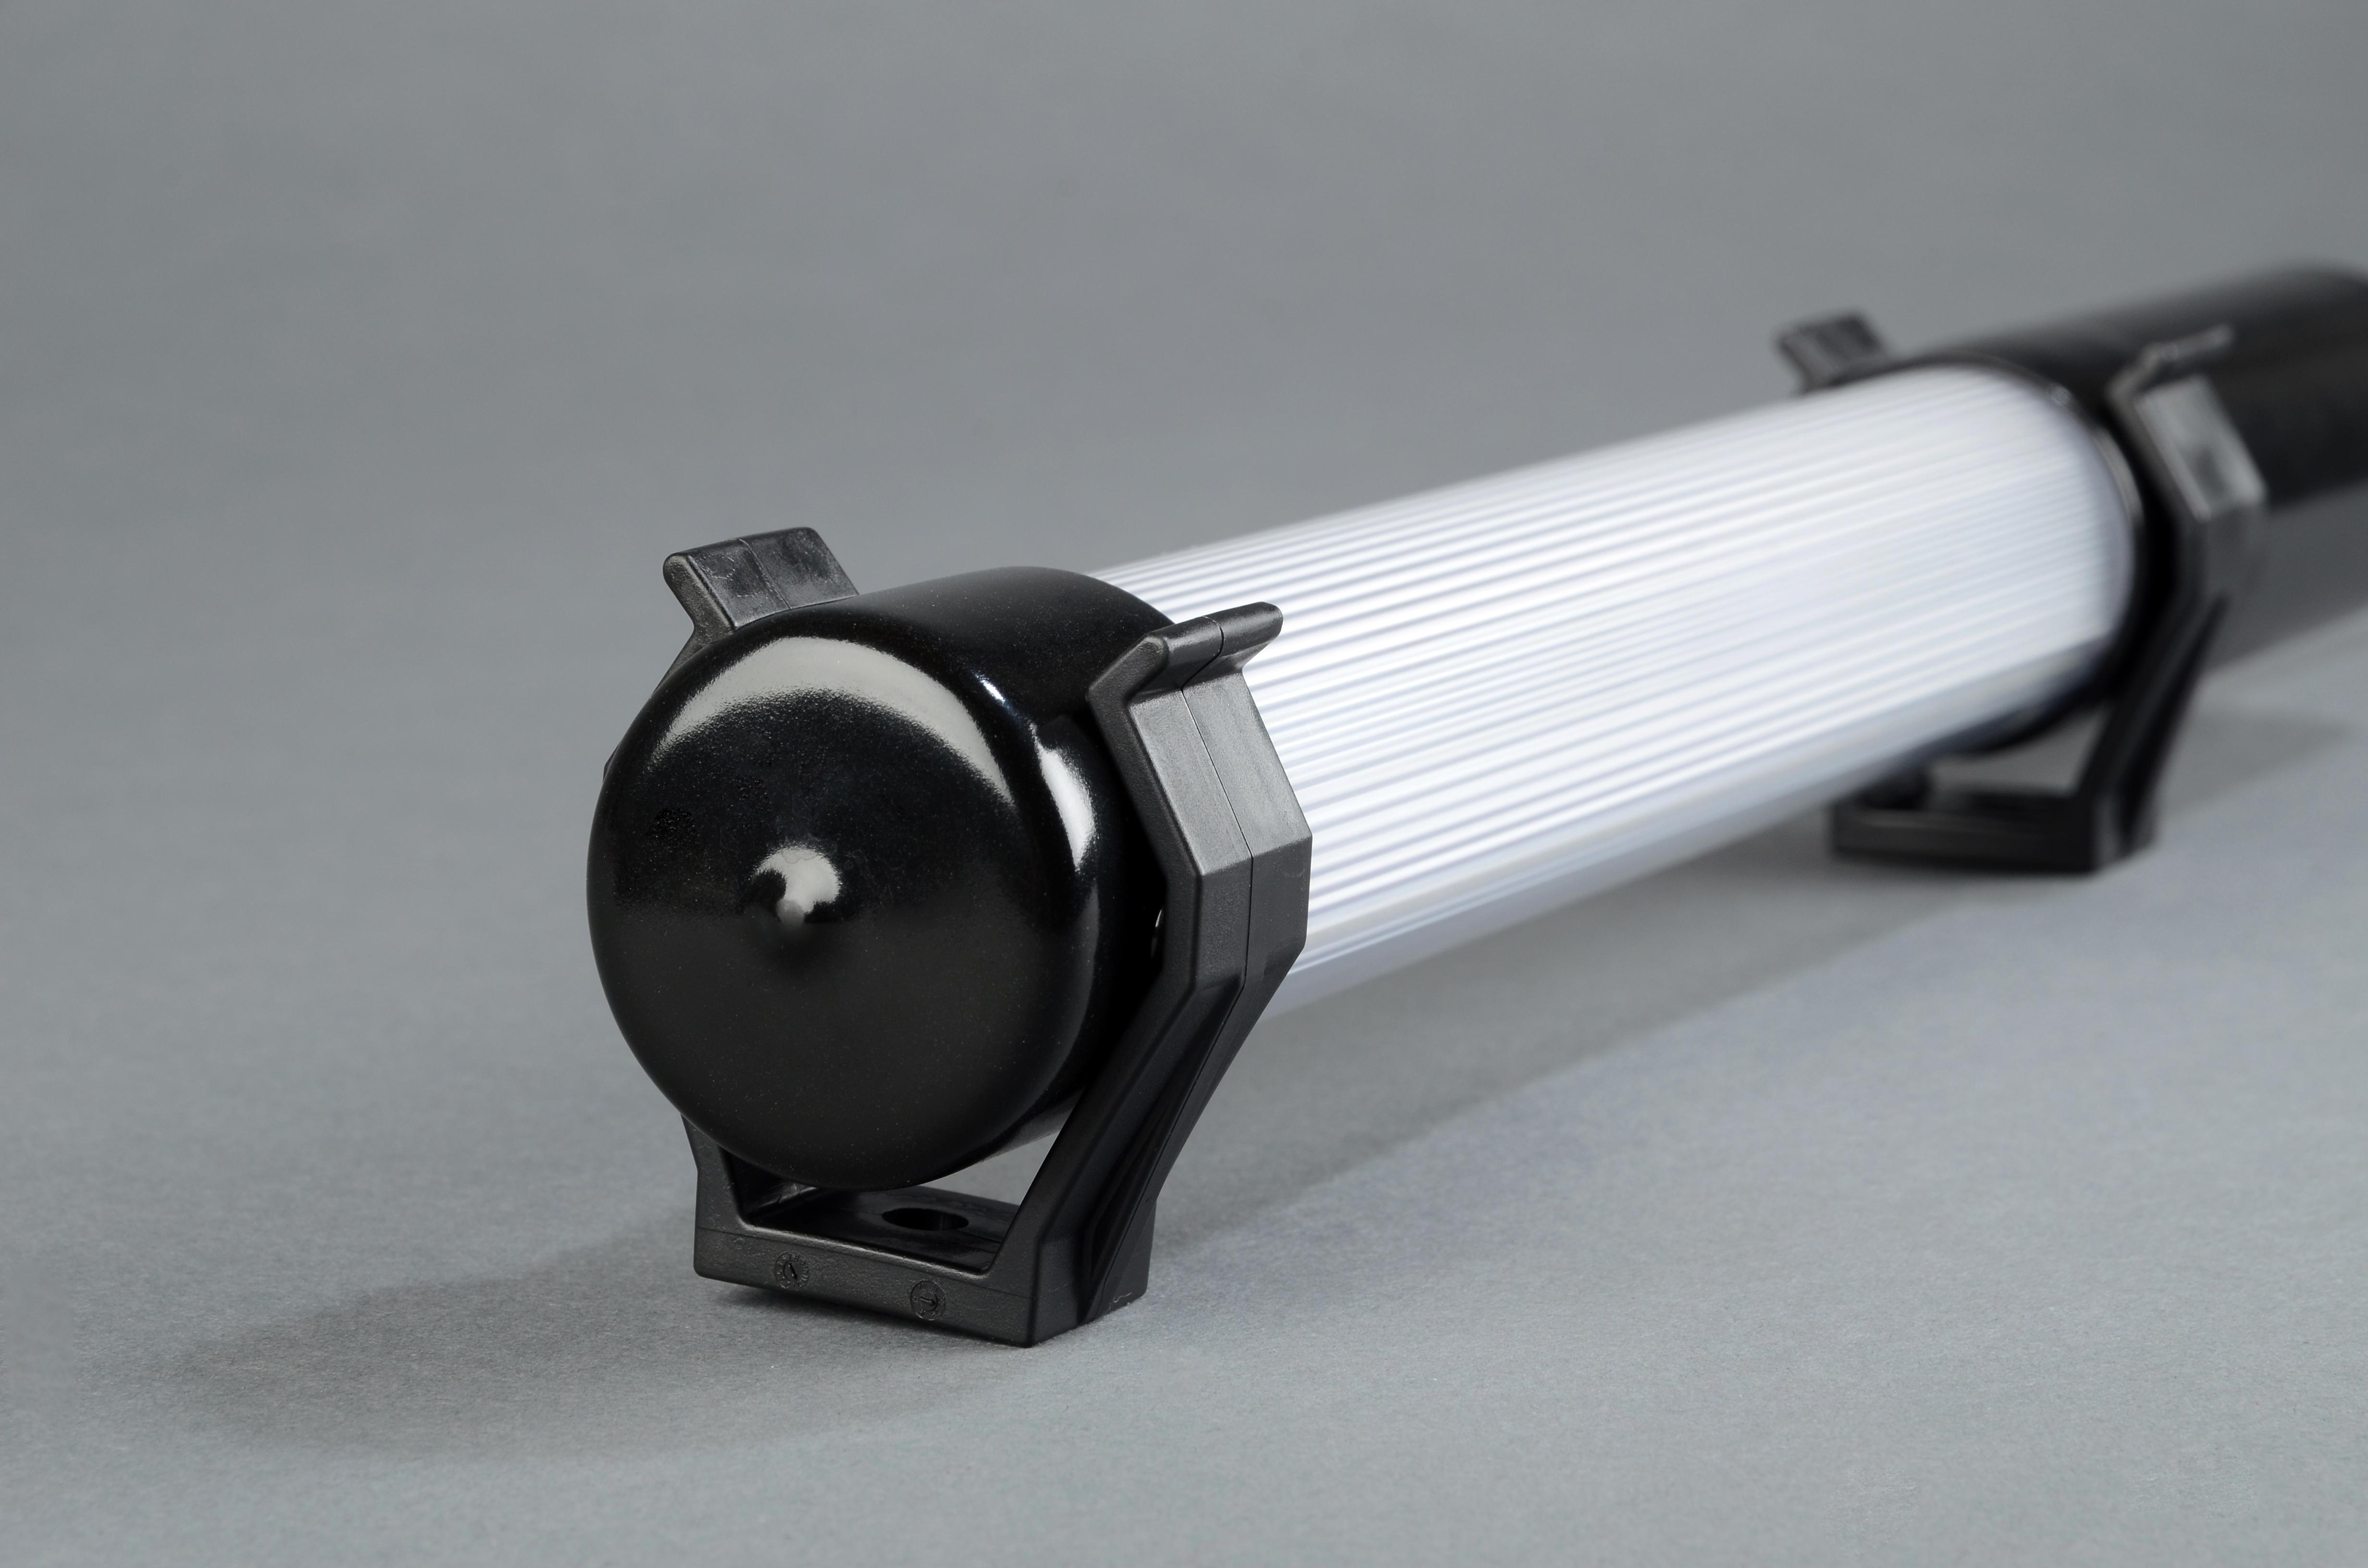 Serie 37: 14 Watt/ 220-240 Volt/ 1015 mm